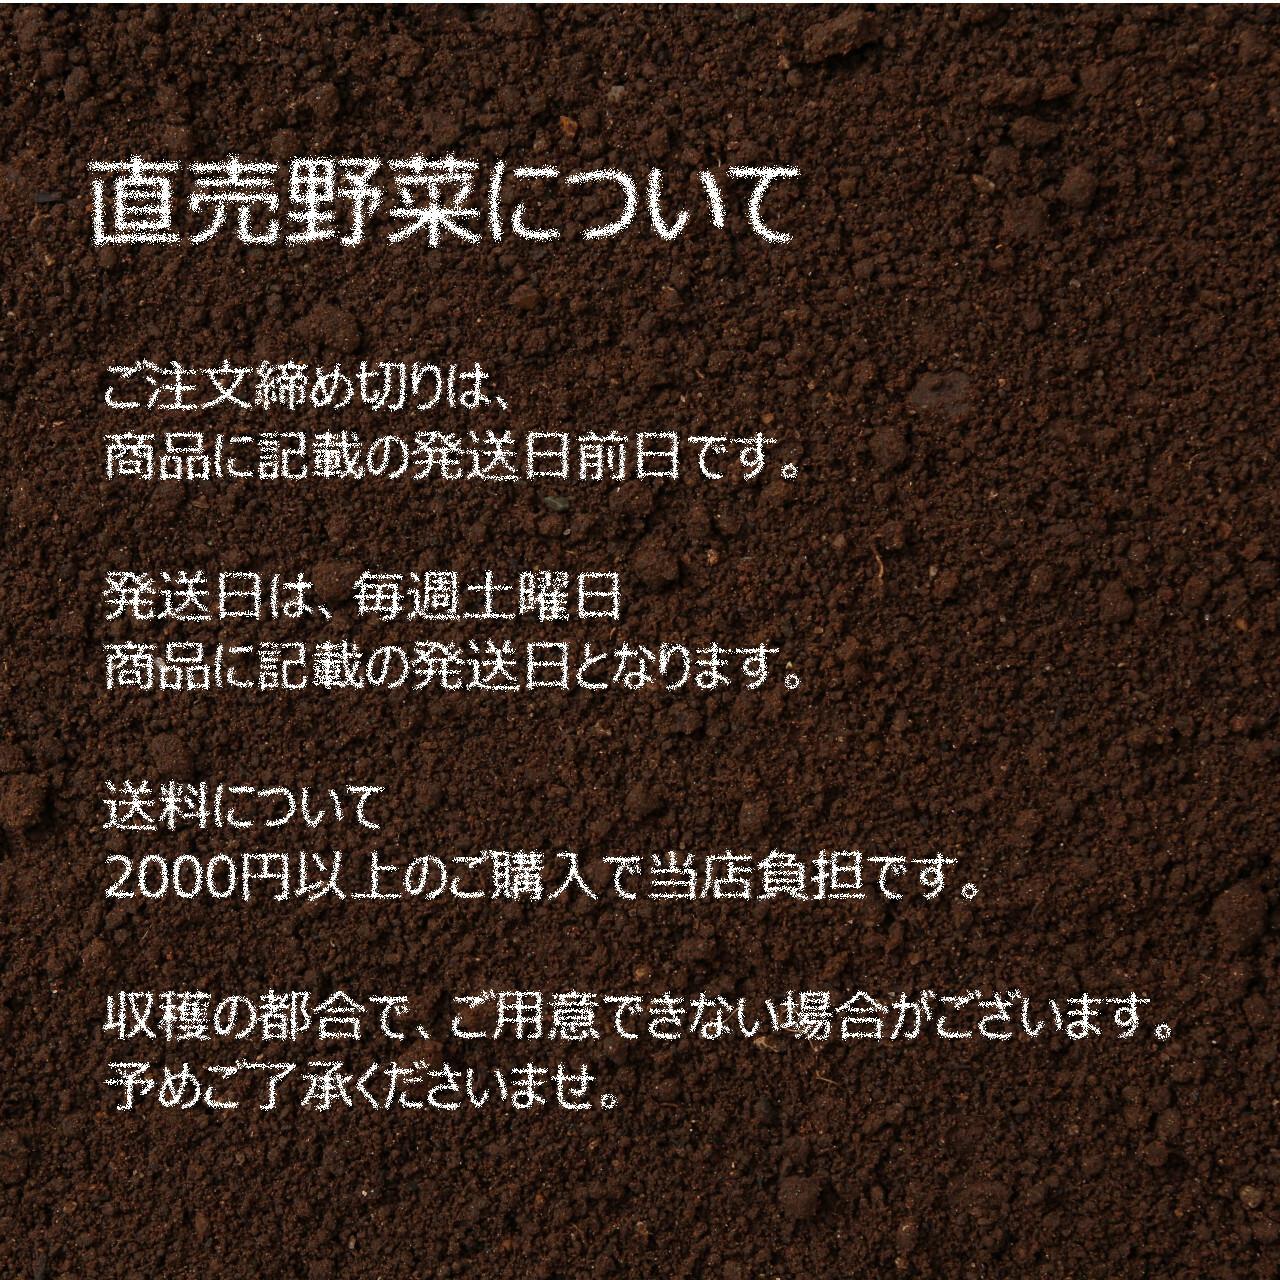 新鮮な秋野菜 : ピーマン 約250g 9月の朝採り直売野菜 9月12日発送予定